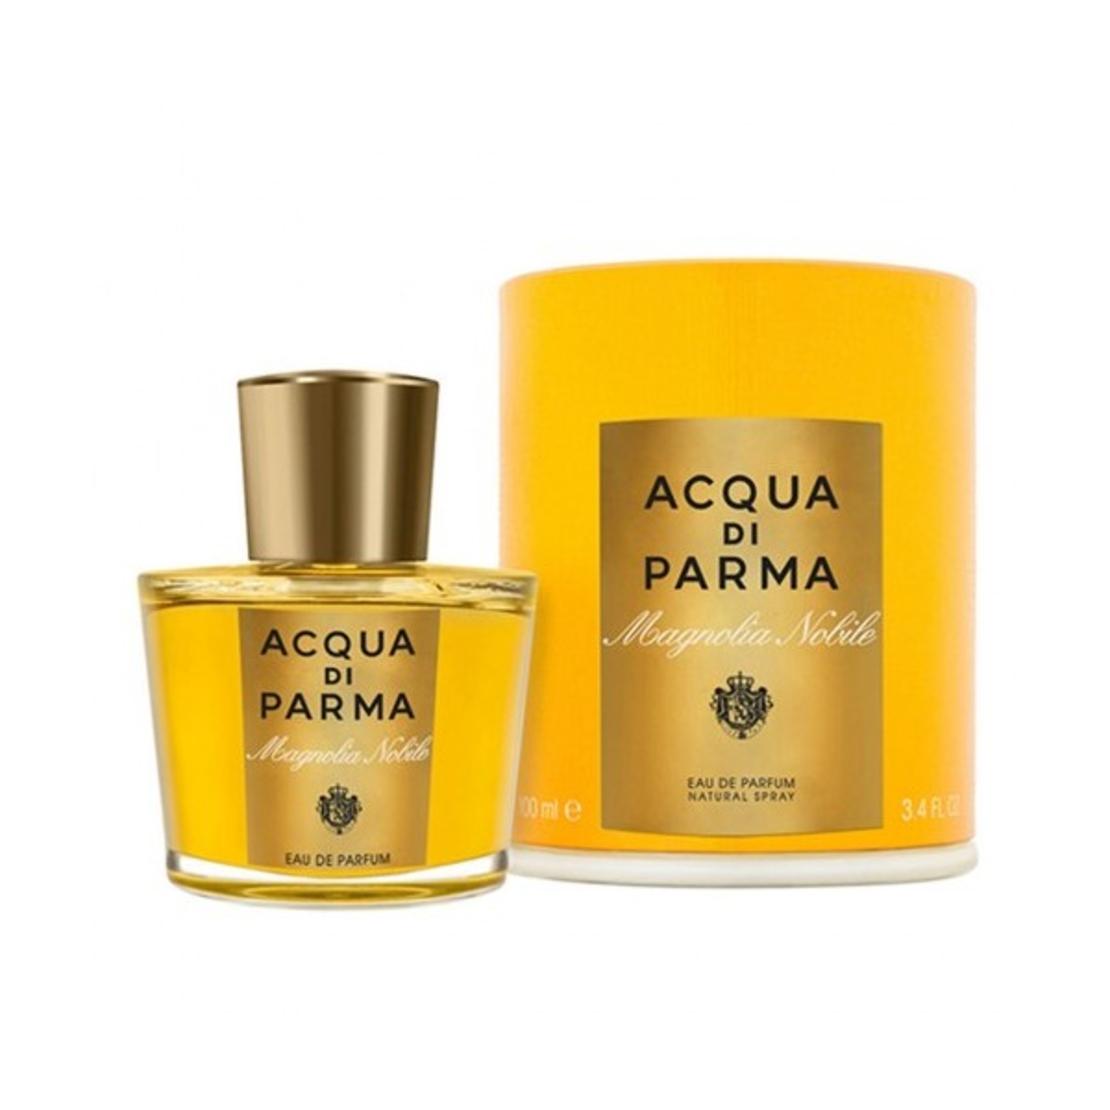 בושם לאשה אקווה די פארמה מגנוליה נוביל Acqua di Parma Magnolia Nobile (W) EDP 100 ML